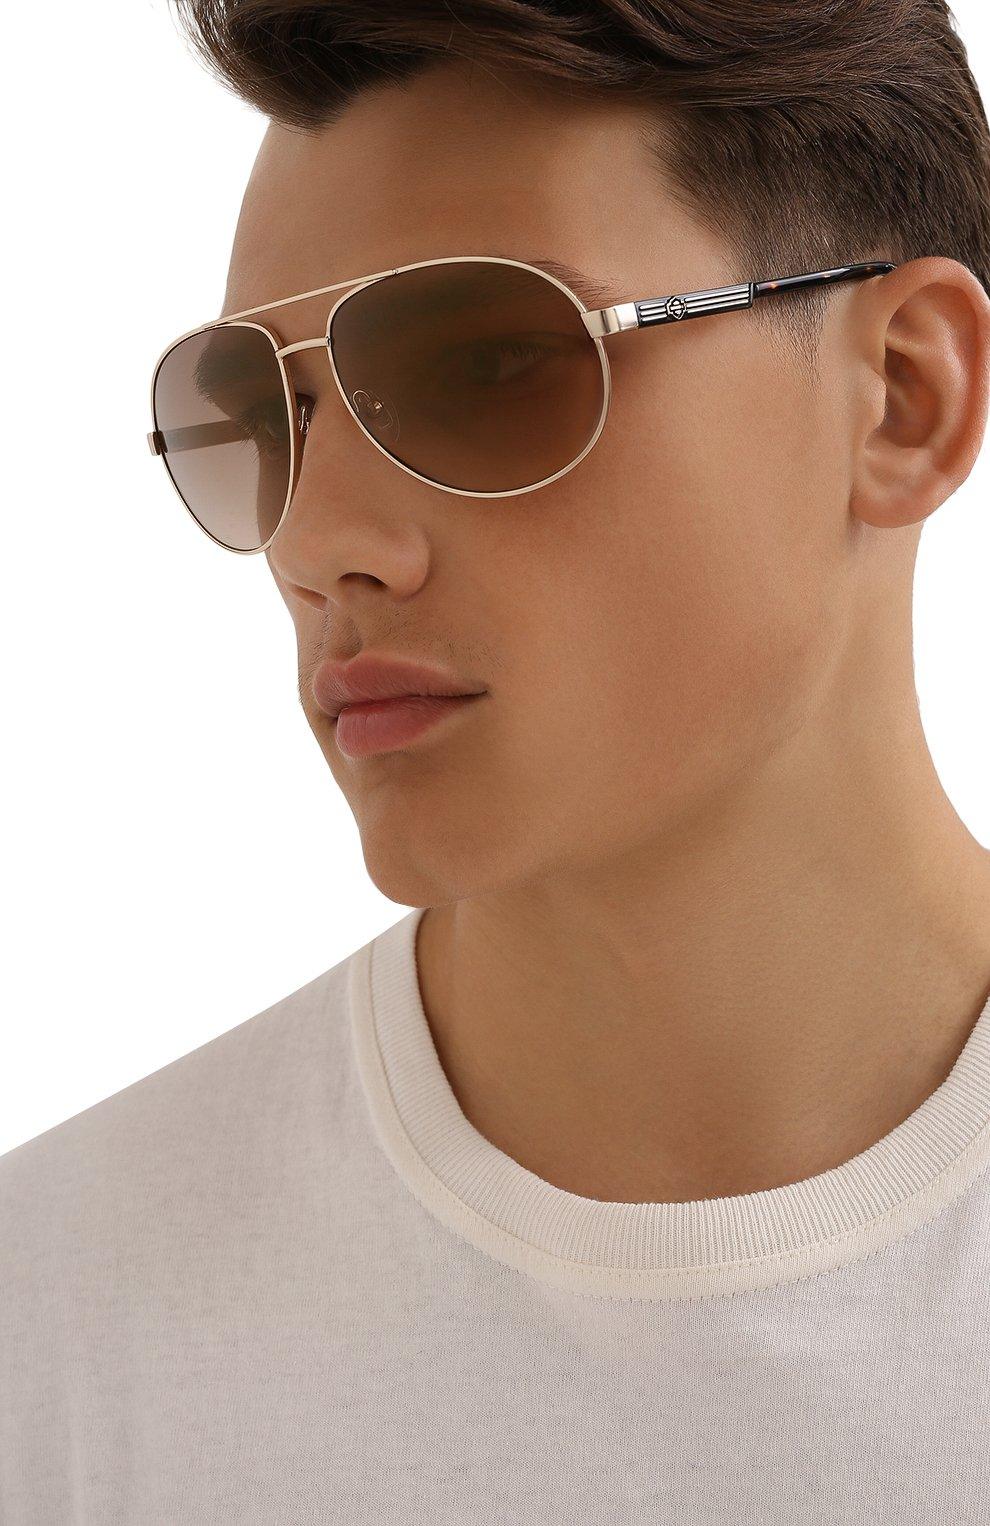 Мужские солнцезащитные очки HARLEY-DAVIDSON коричневого цвета, арт. HD 0954X 32G   Фото 2 (Тип очков: С/з; Очки форма: Авиаторы; Оптика Гендер: оптика-мужское)